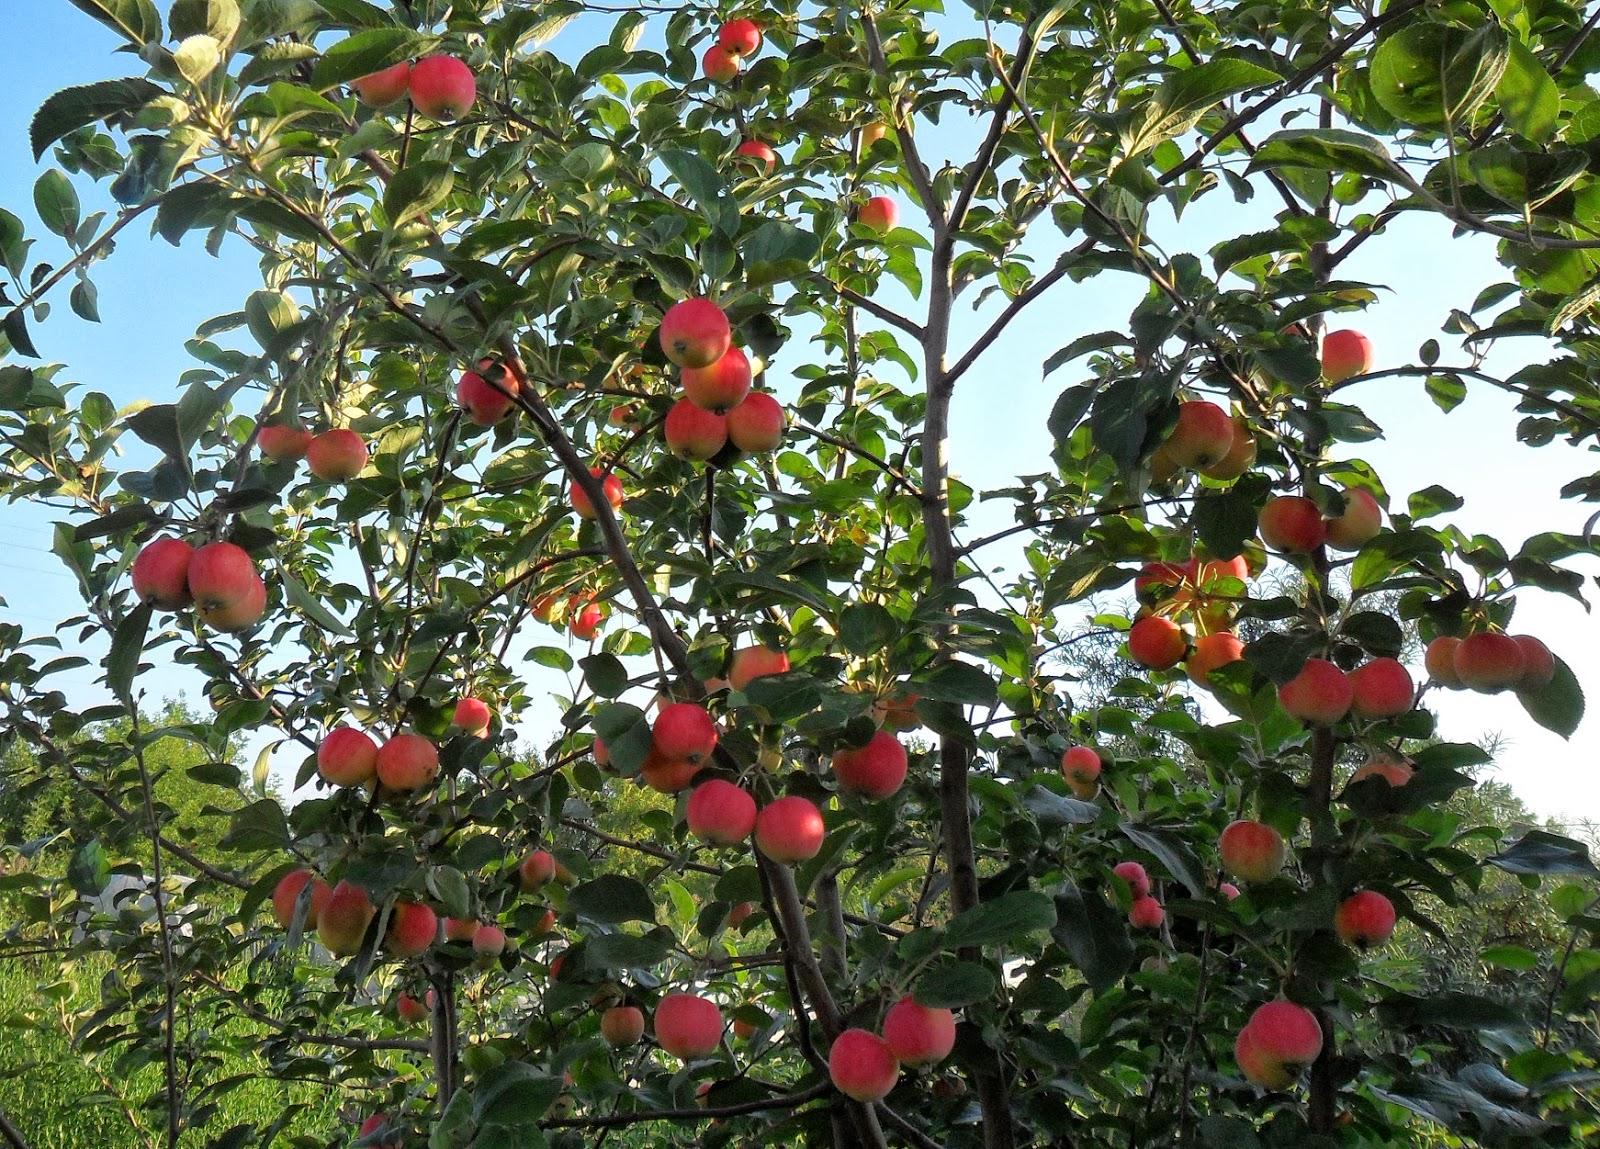 Выбор хорошего сорта яблони для своего участка